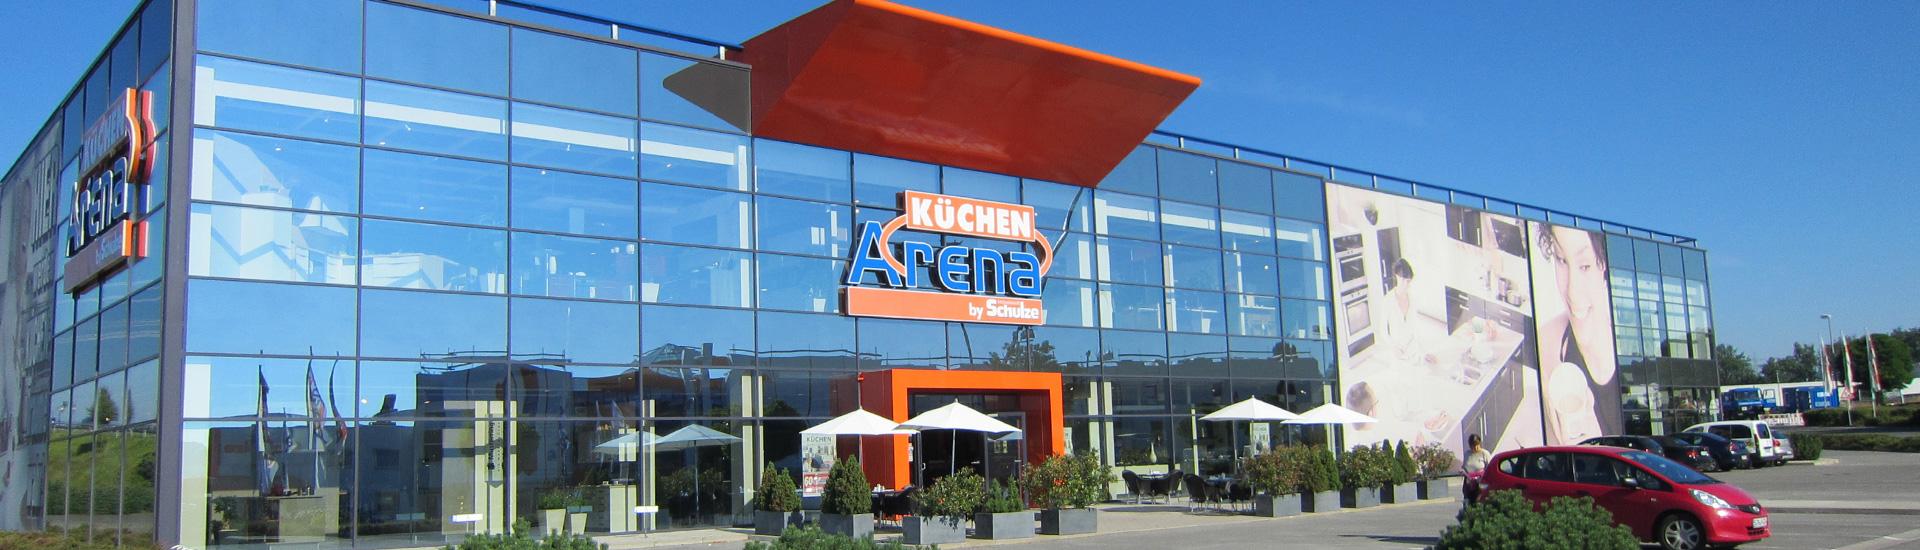 Küchen Arena Rödental - Coburg